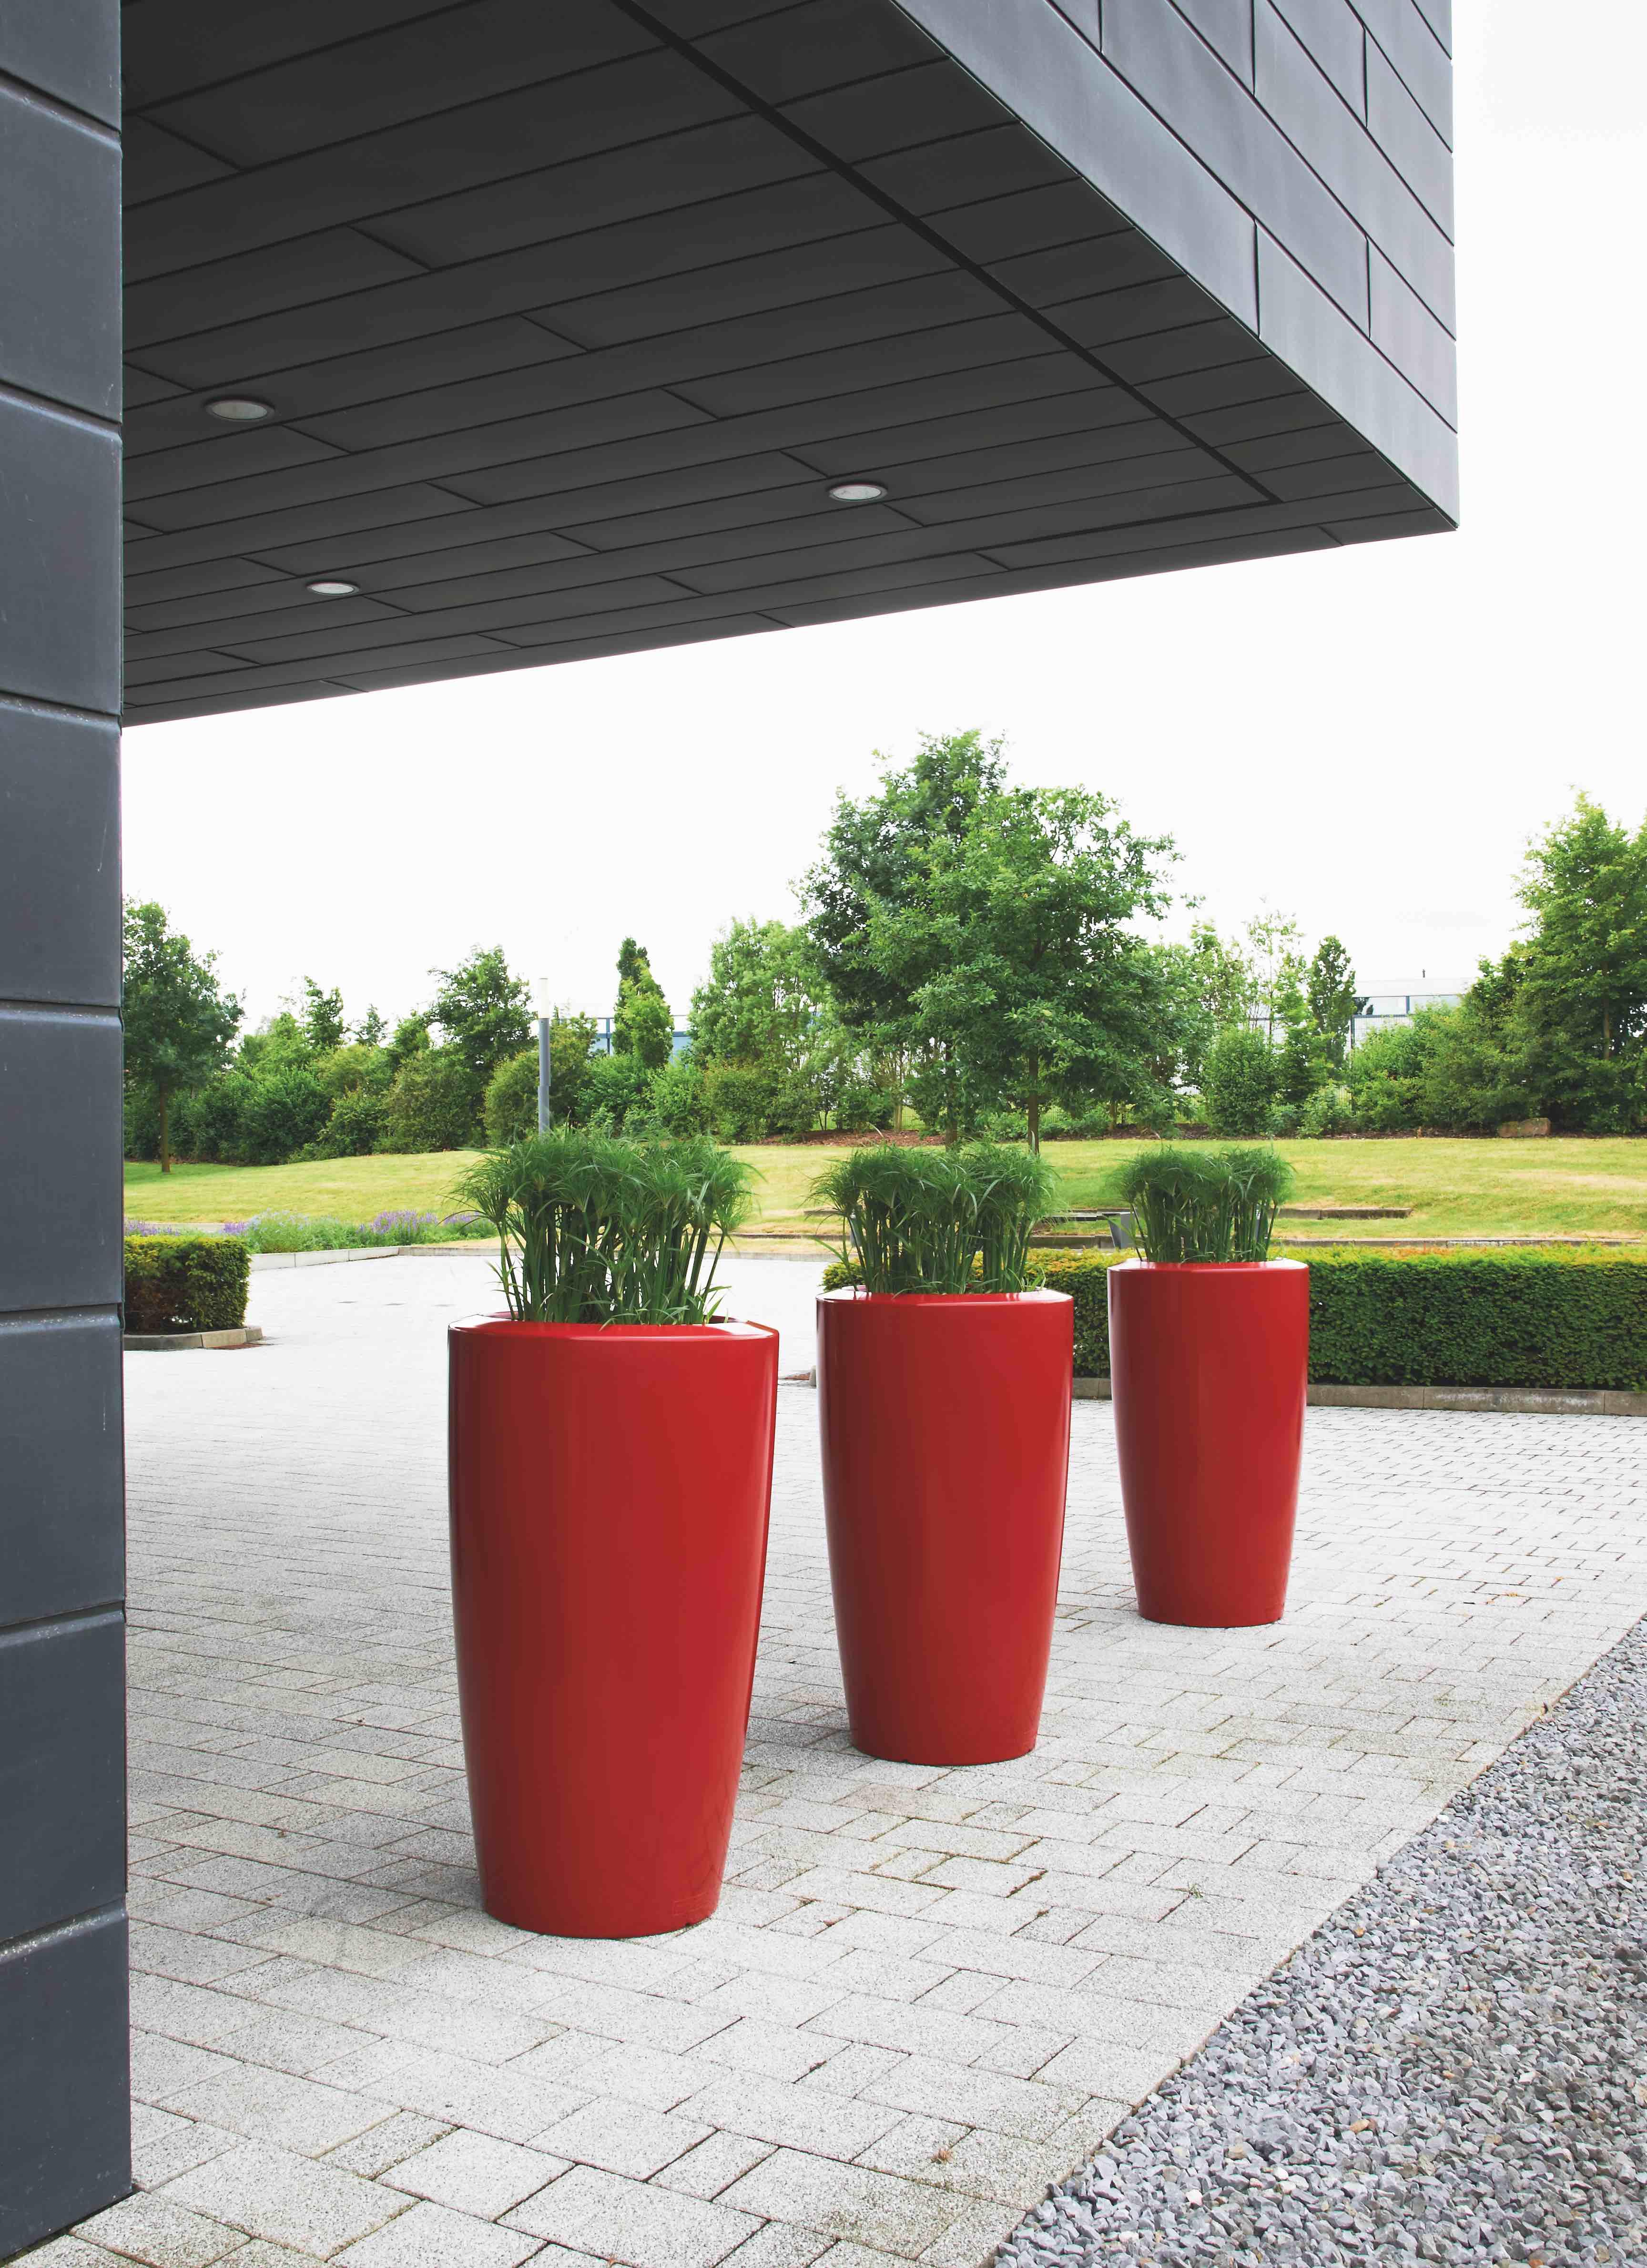 Rovio III Robijnrood. 3 bloembakken op rij leggen een accentkleur bij een strakke woning